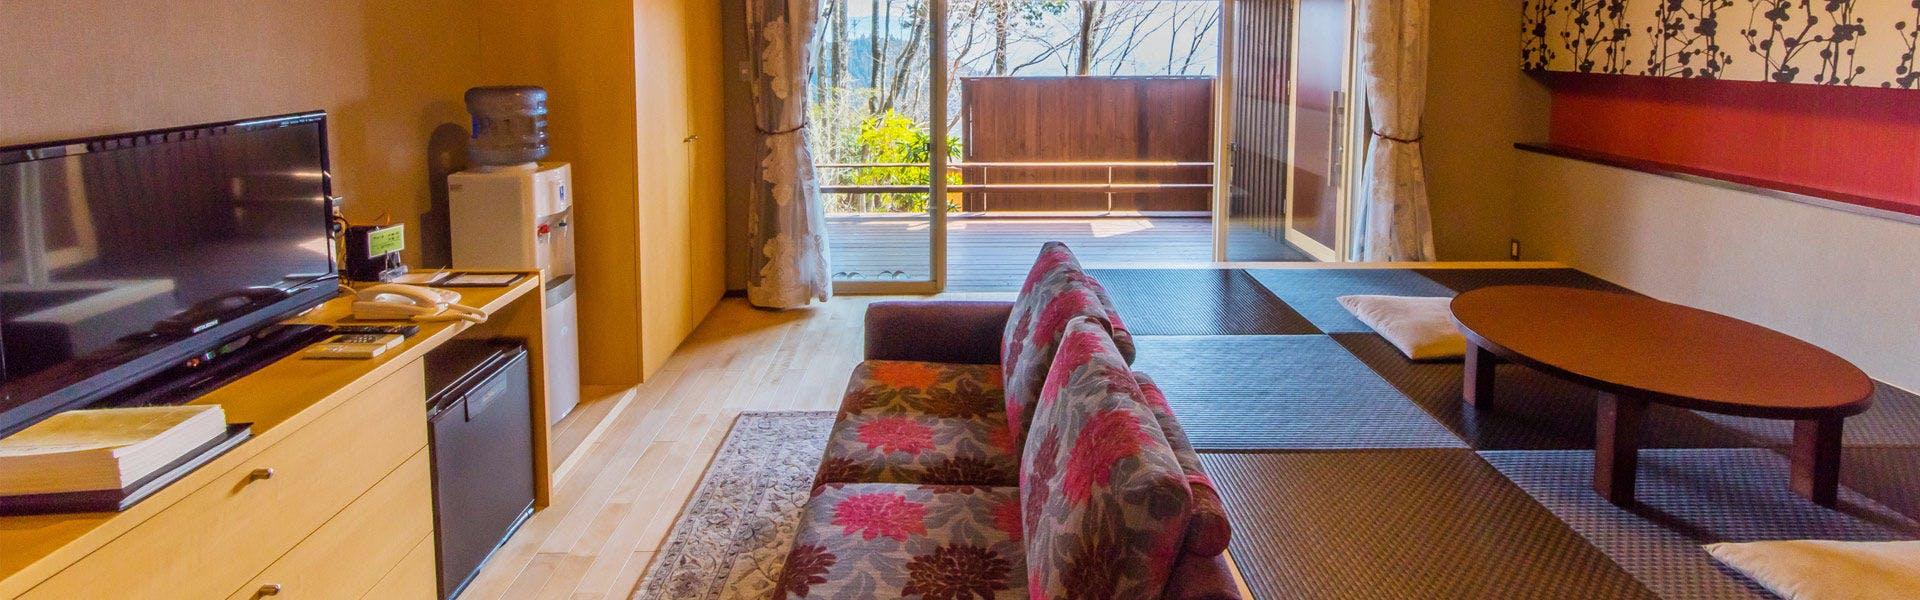 記念日におすすめのホテル・草屋根の宿 龍のひげ/別邸 ゆむたの写真3